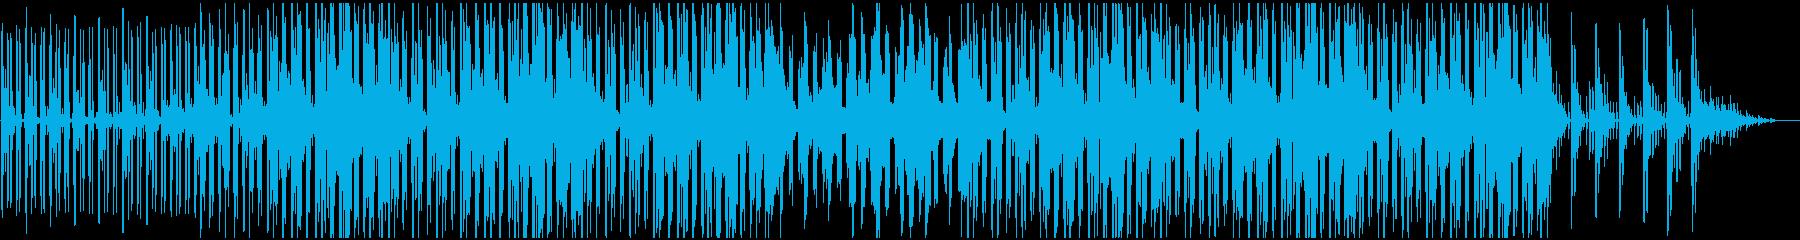 幻想的、ほんわかしたチルヒップホップの再生済みの波形